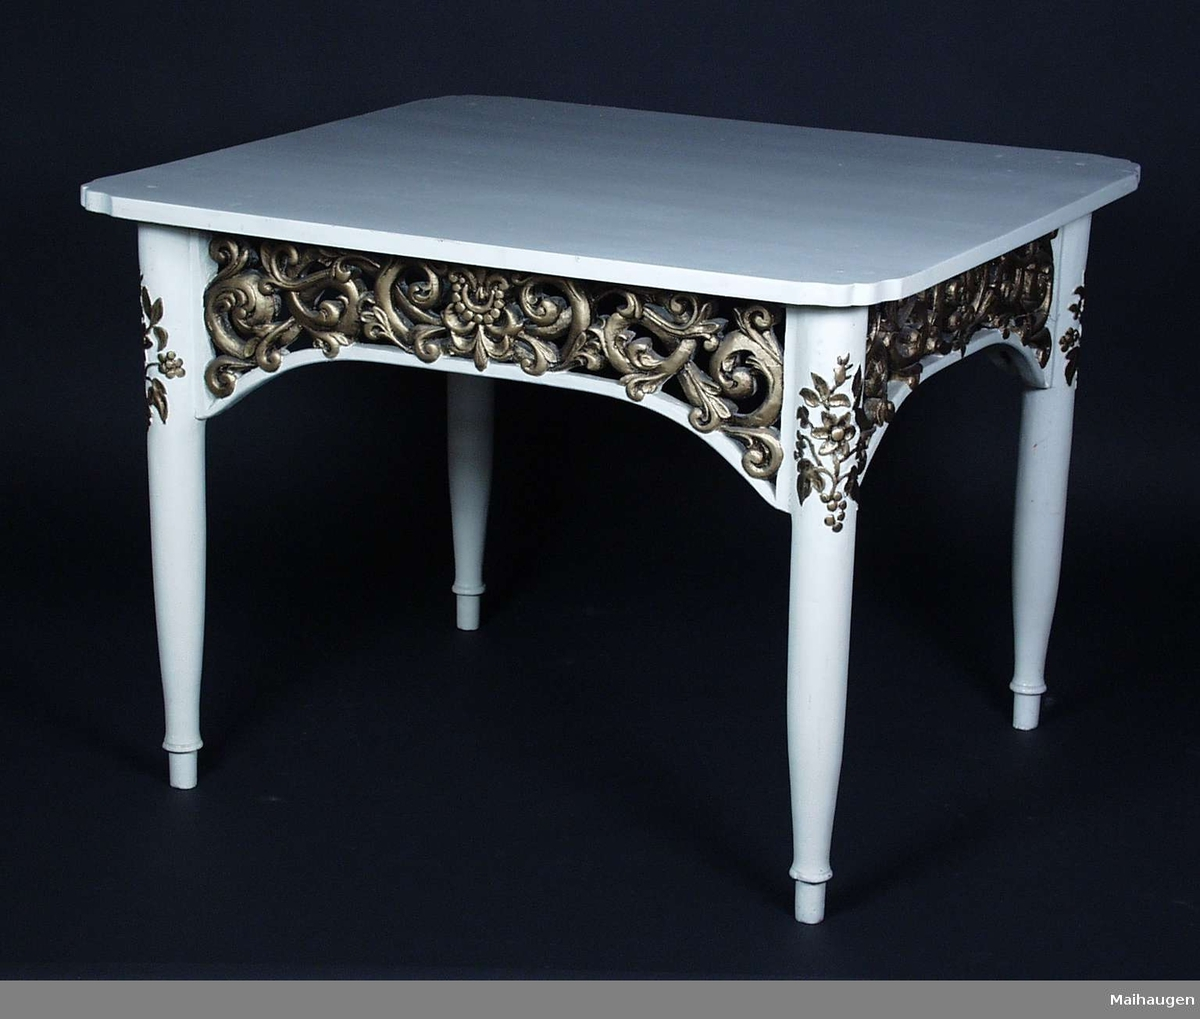 Hvitt bord i furu med akantus sarg. Øverst på bena er det blomster utskjæringer. Både akantus og blomserutskjæringene er malt med gull.